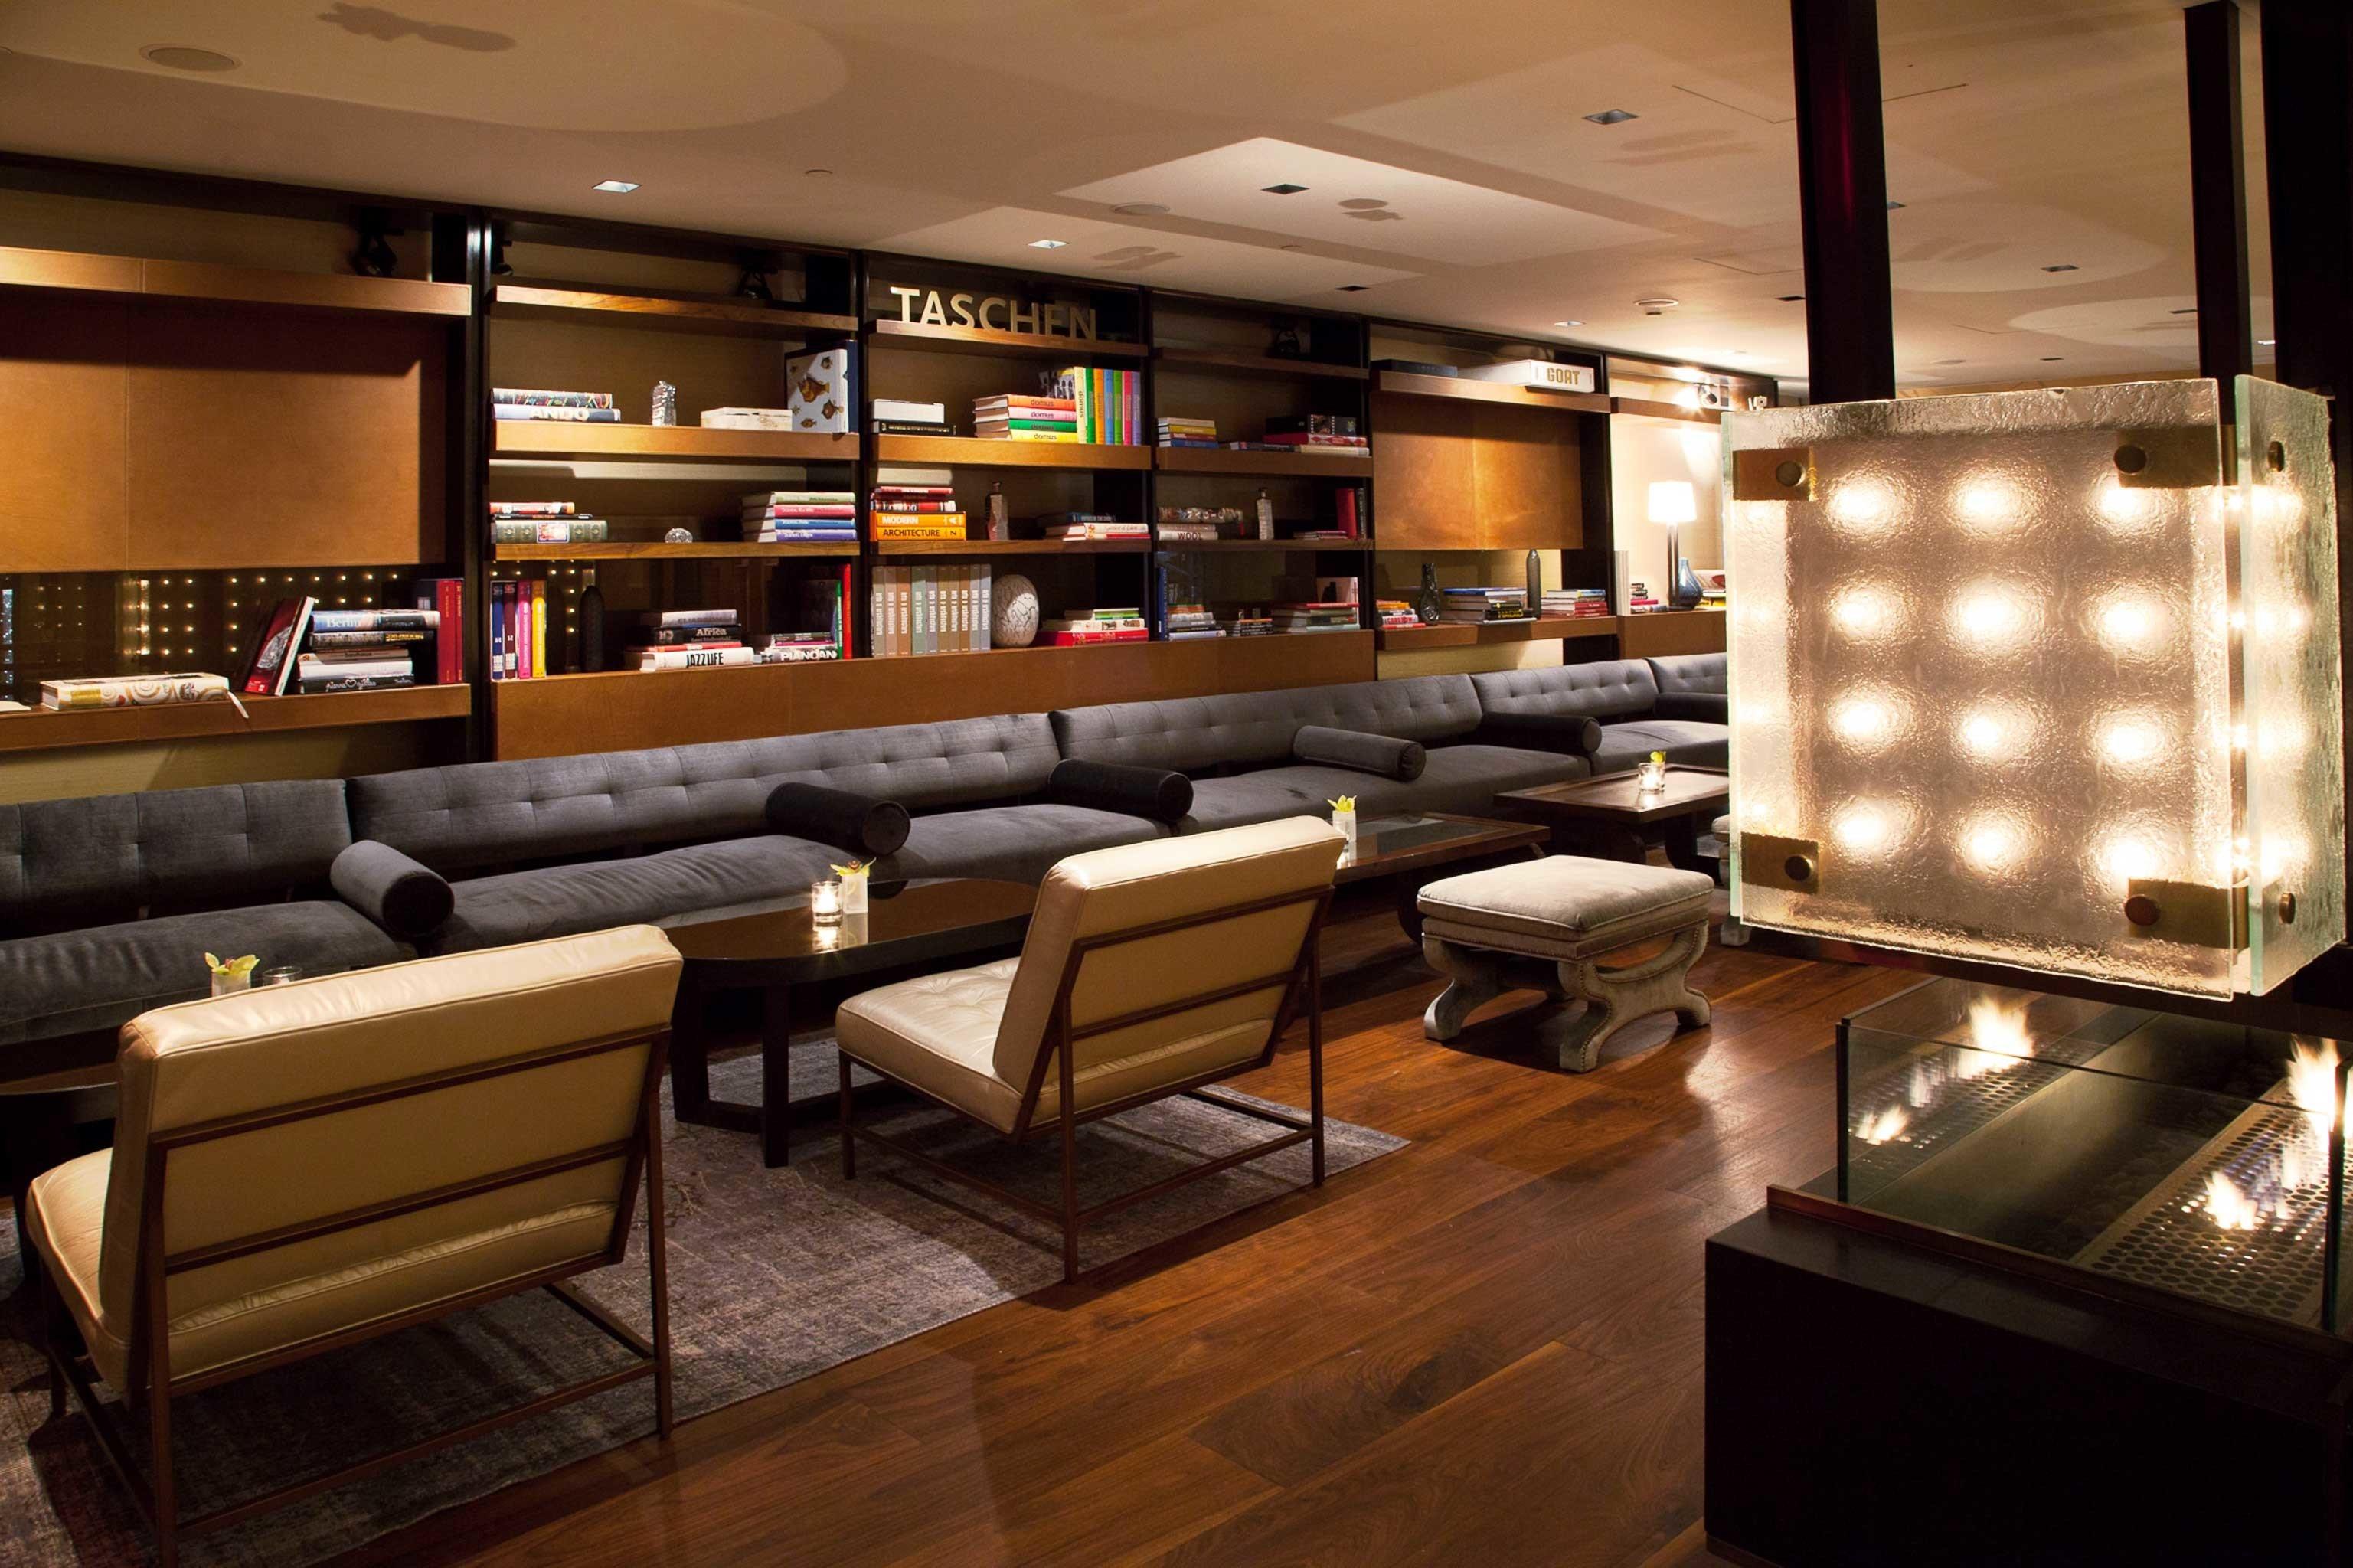 City Elegant Lounge Luxury Lobby recreation room living room lighting restaurant Bar